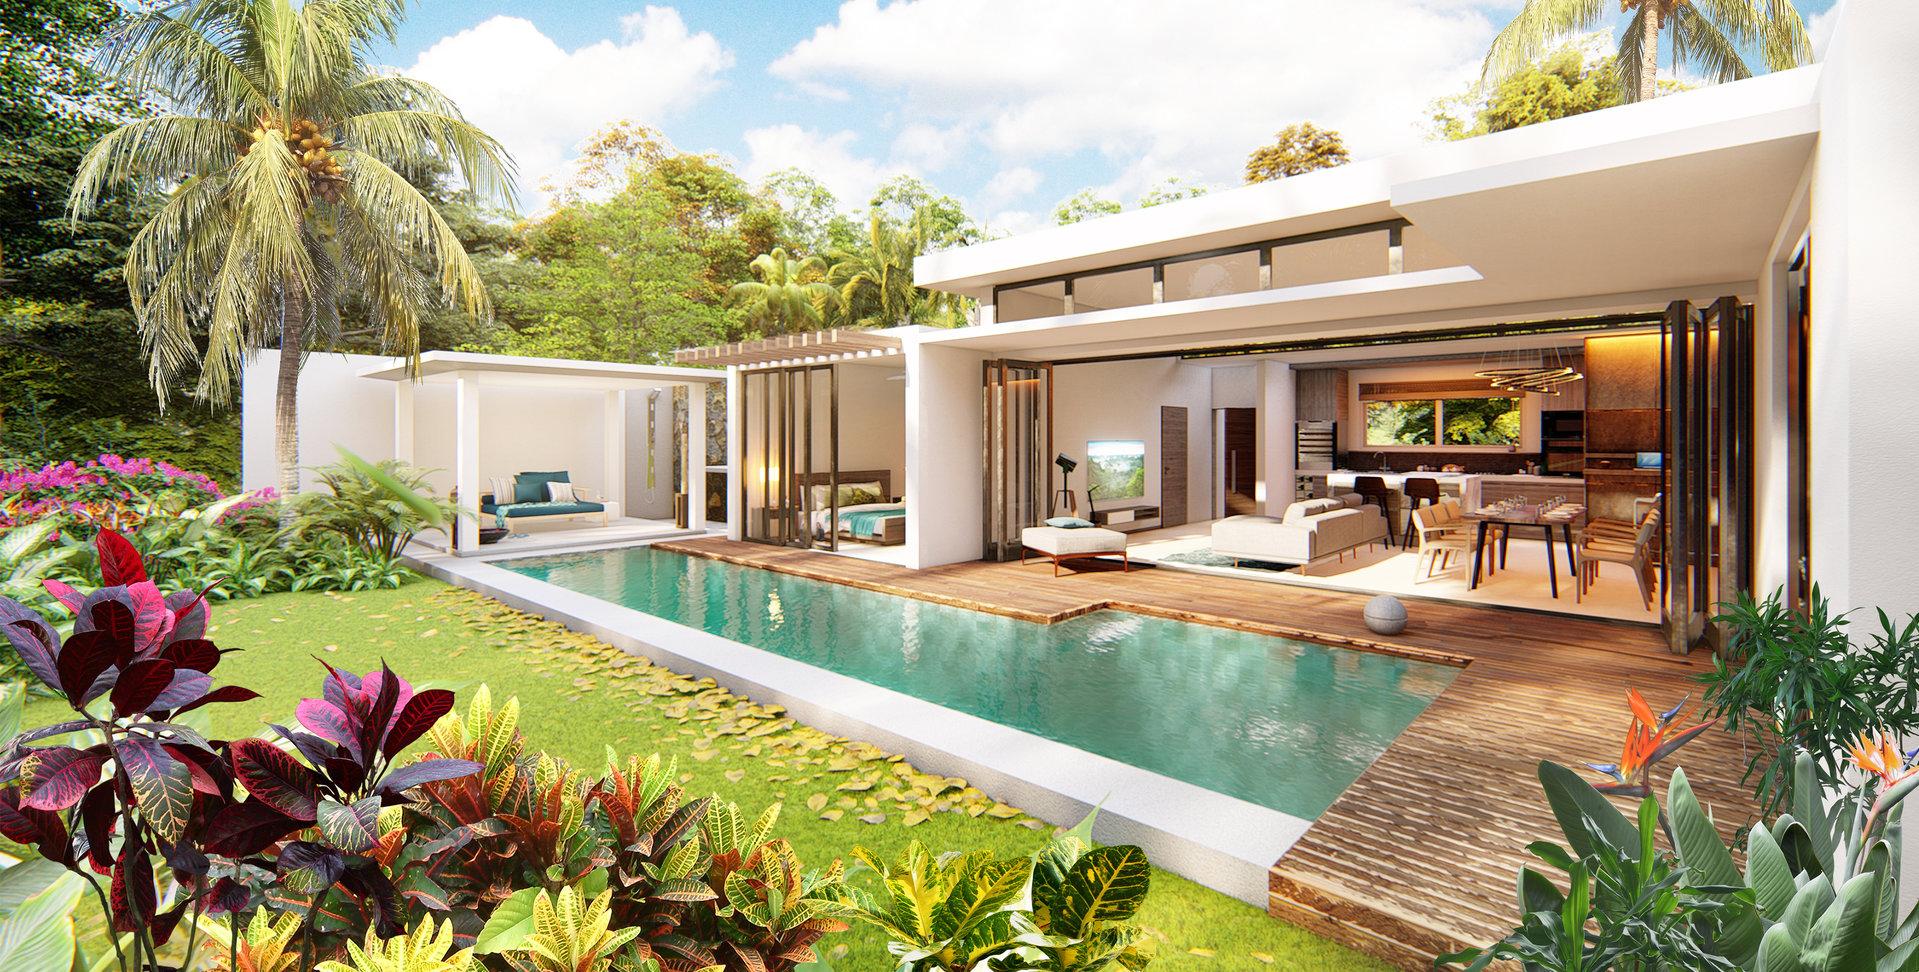 Contemporary villa near the Daruty forest